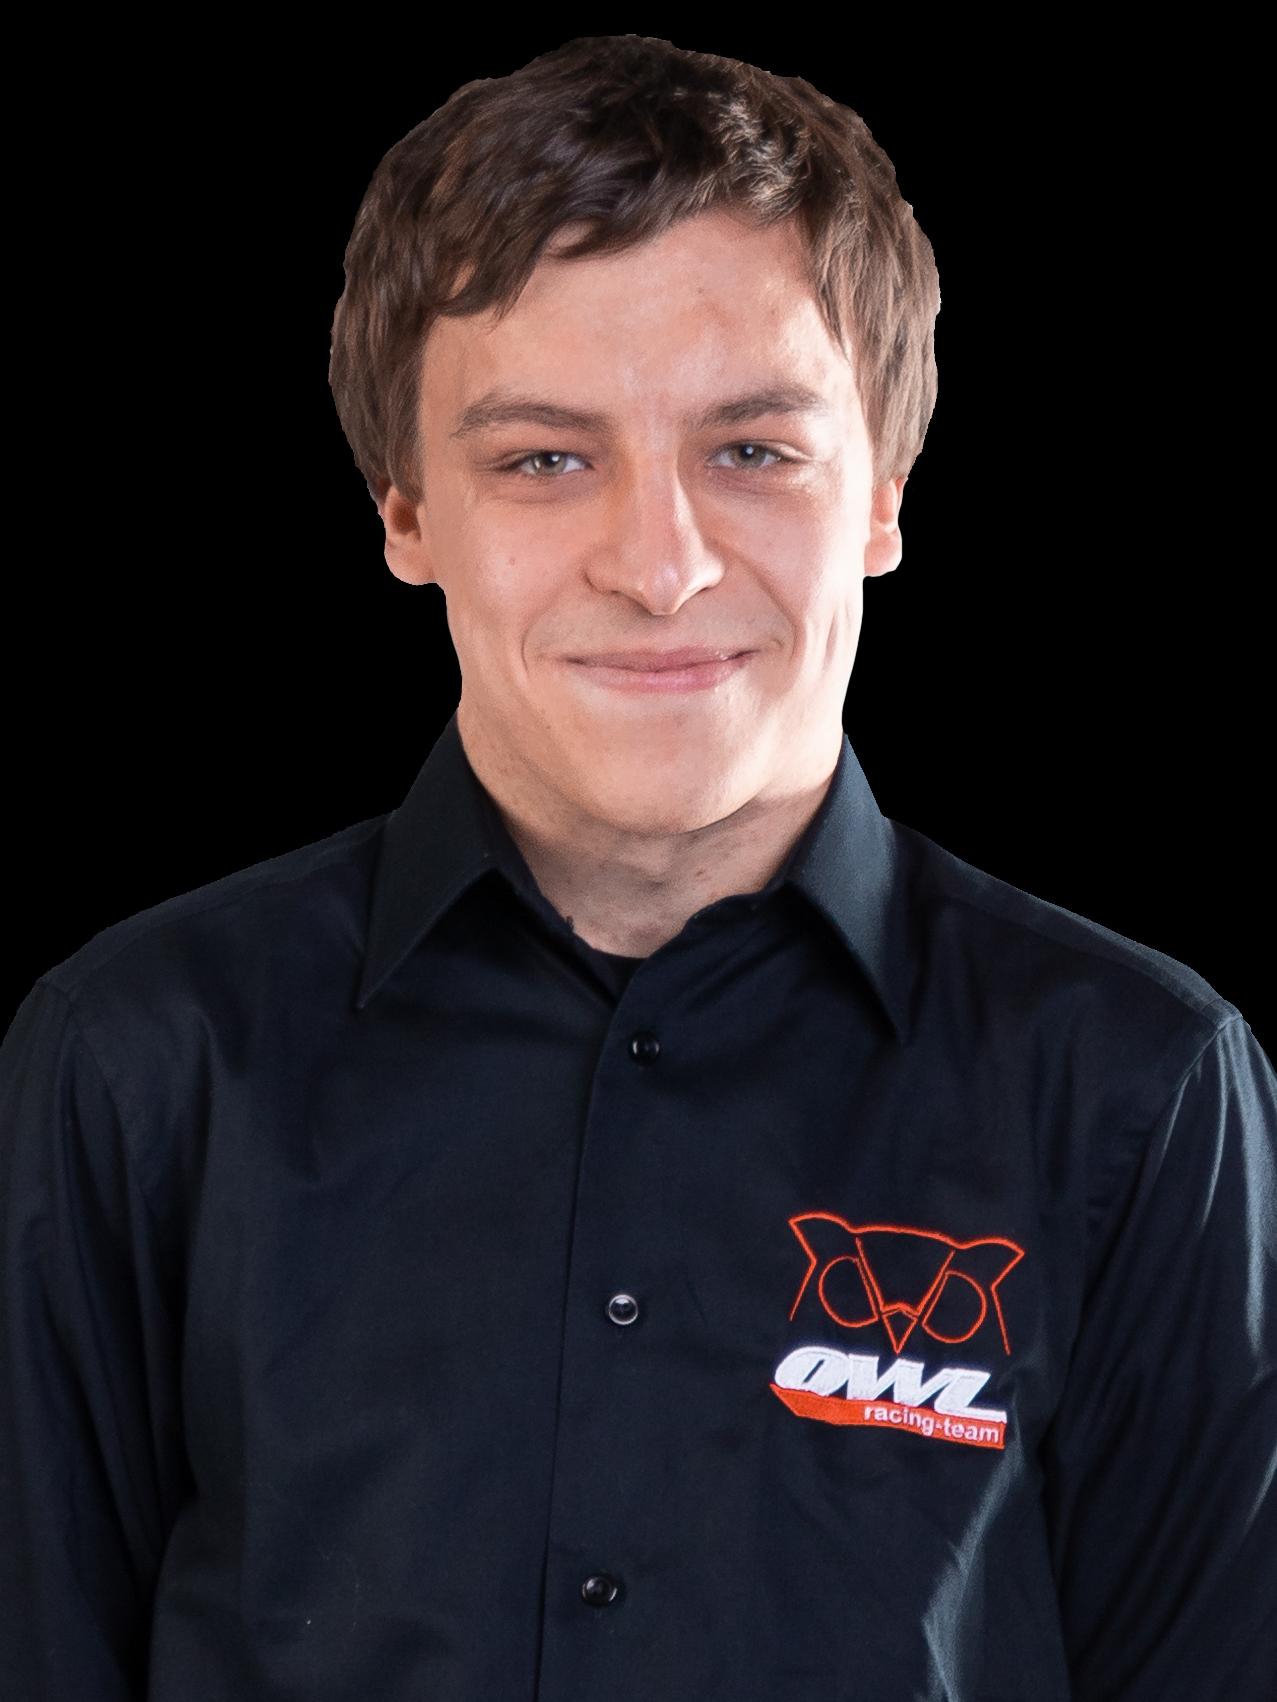 Alex Köhnen